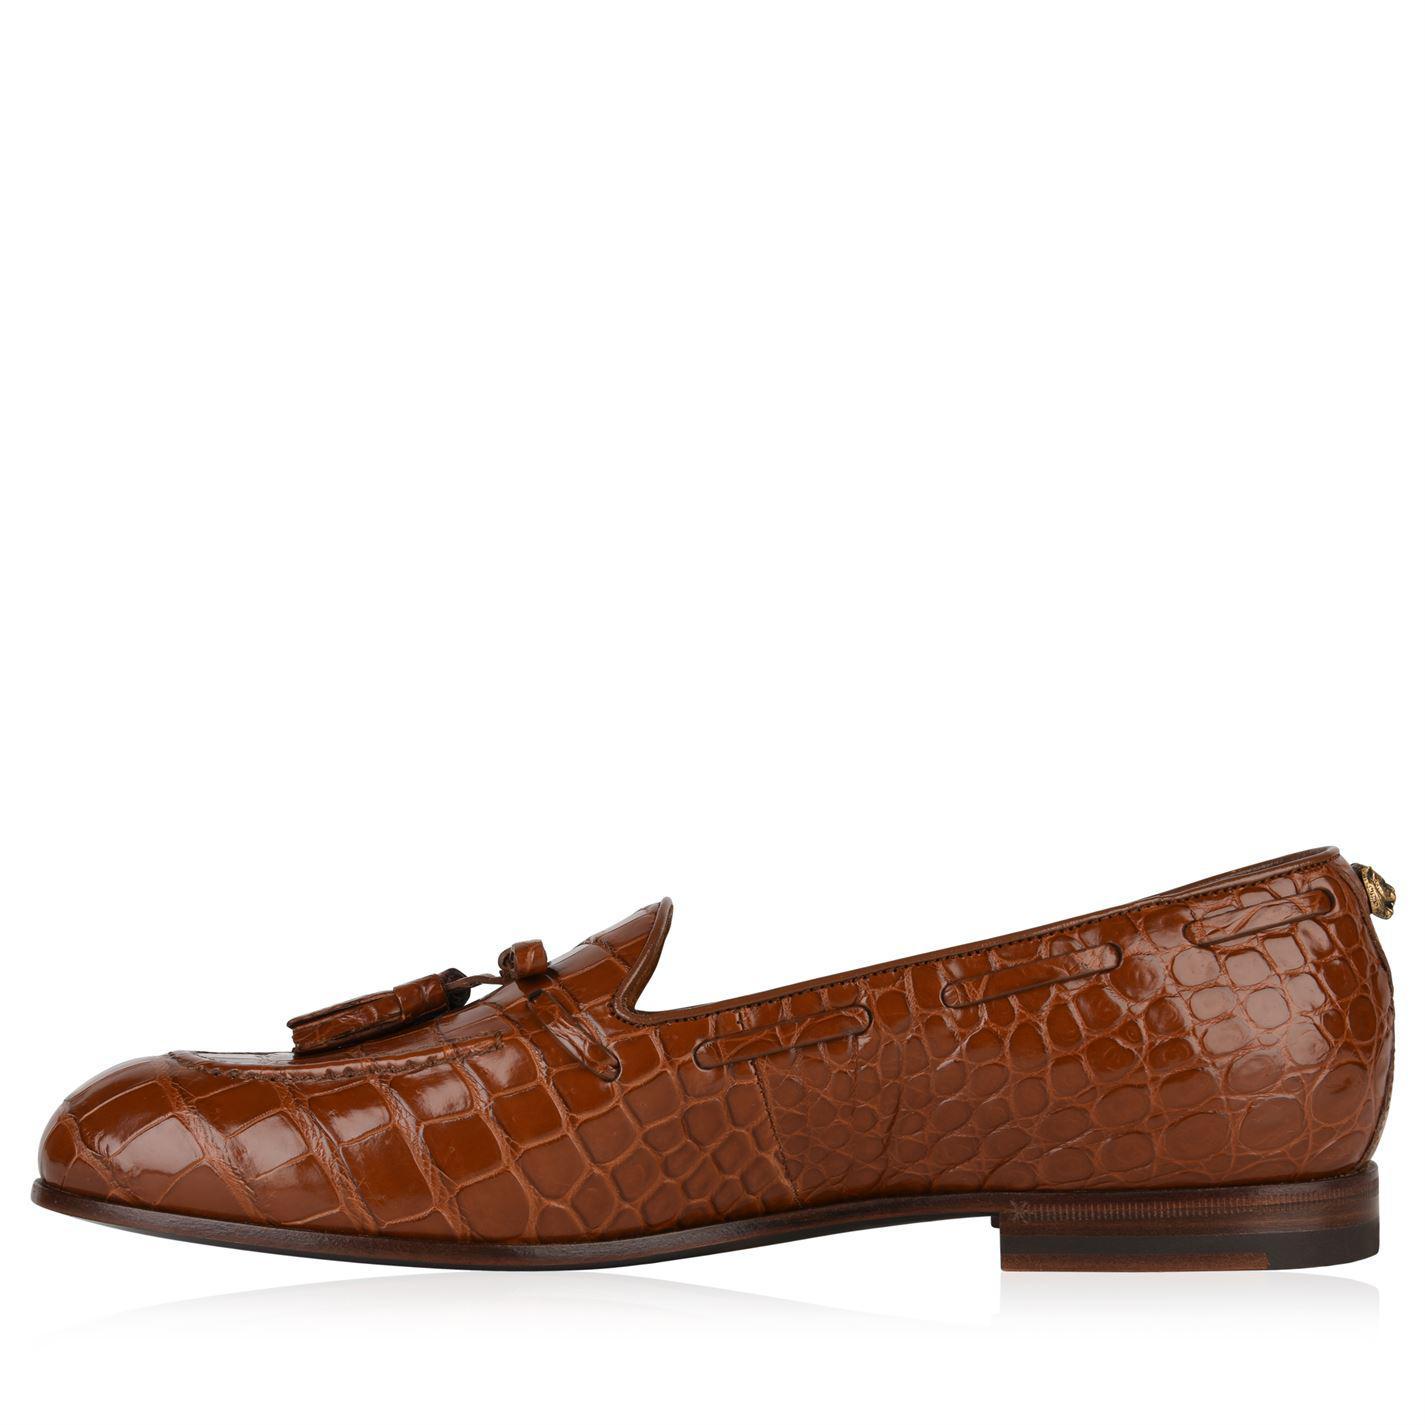 b0b507dd2c2 Gucci - Brown Loomis Tassel Loafers for Men - Lyst. View fullscreen